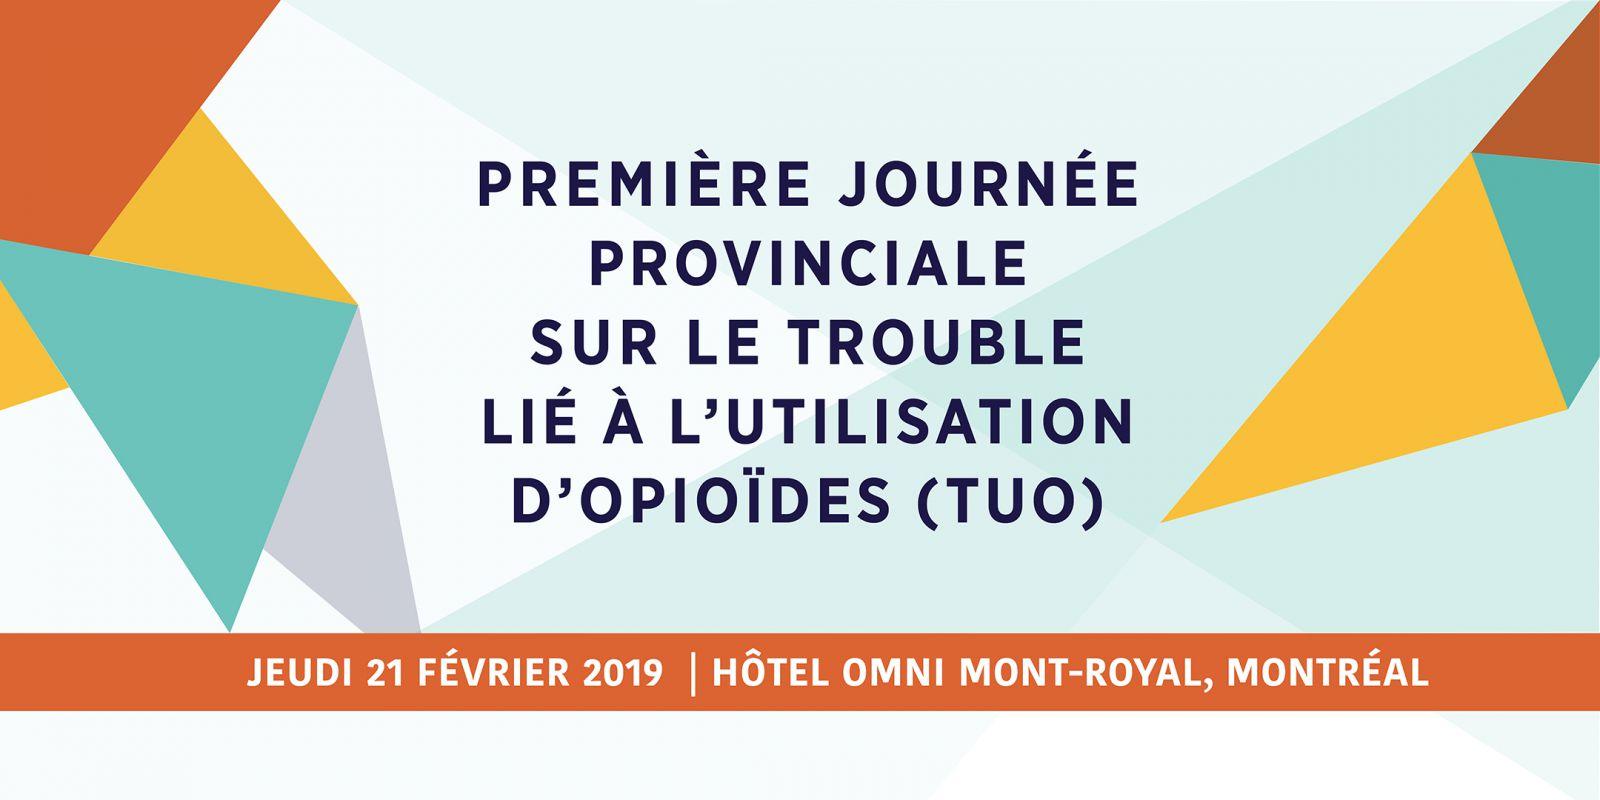 Première journée provinciale sur le TUO (visuel)